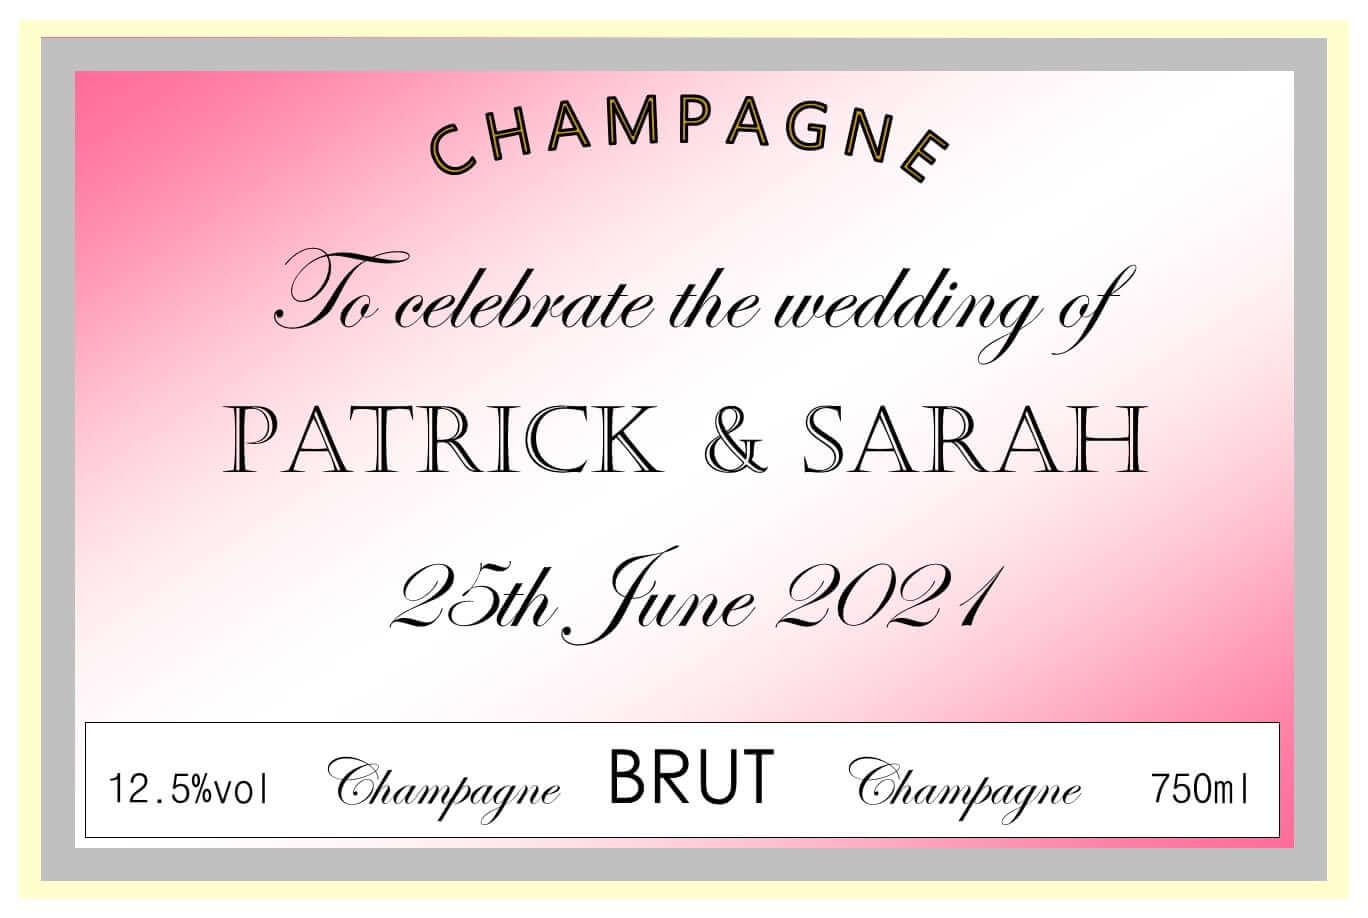 champagne wedding pink patrick sarah